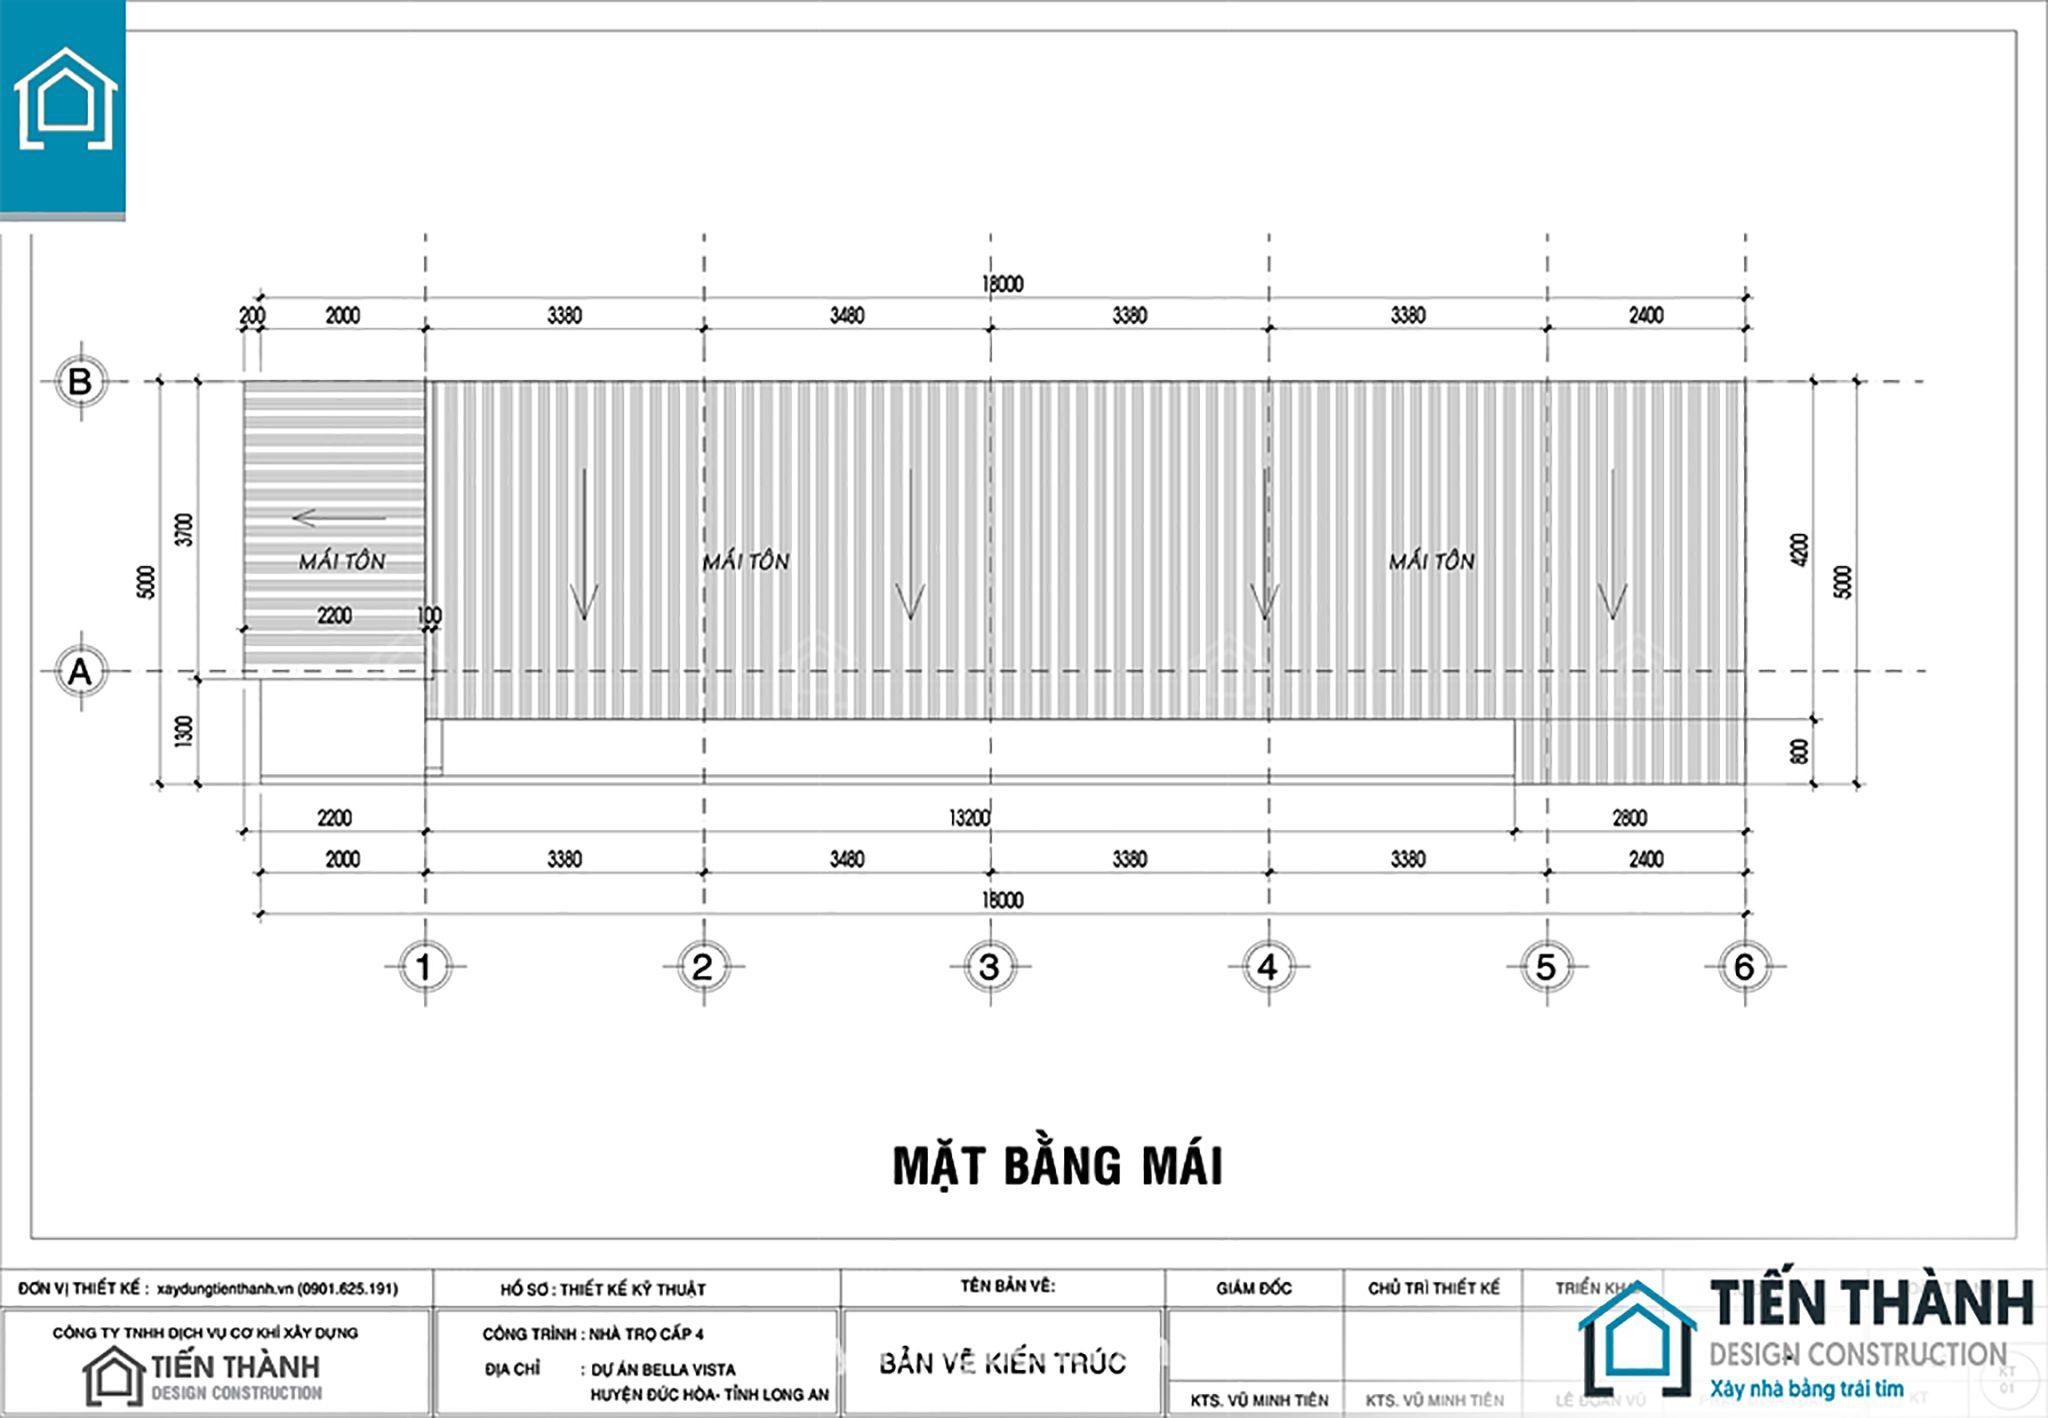 du toan xay dung nha tro cap 4 3 - Dự toán xây dựng nhà trọ trọn gói #mẫu thiết kế chuẩn đẹp